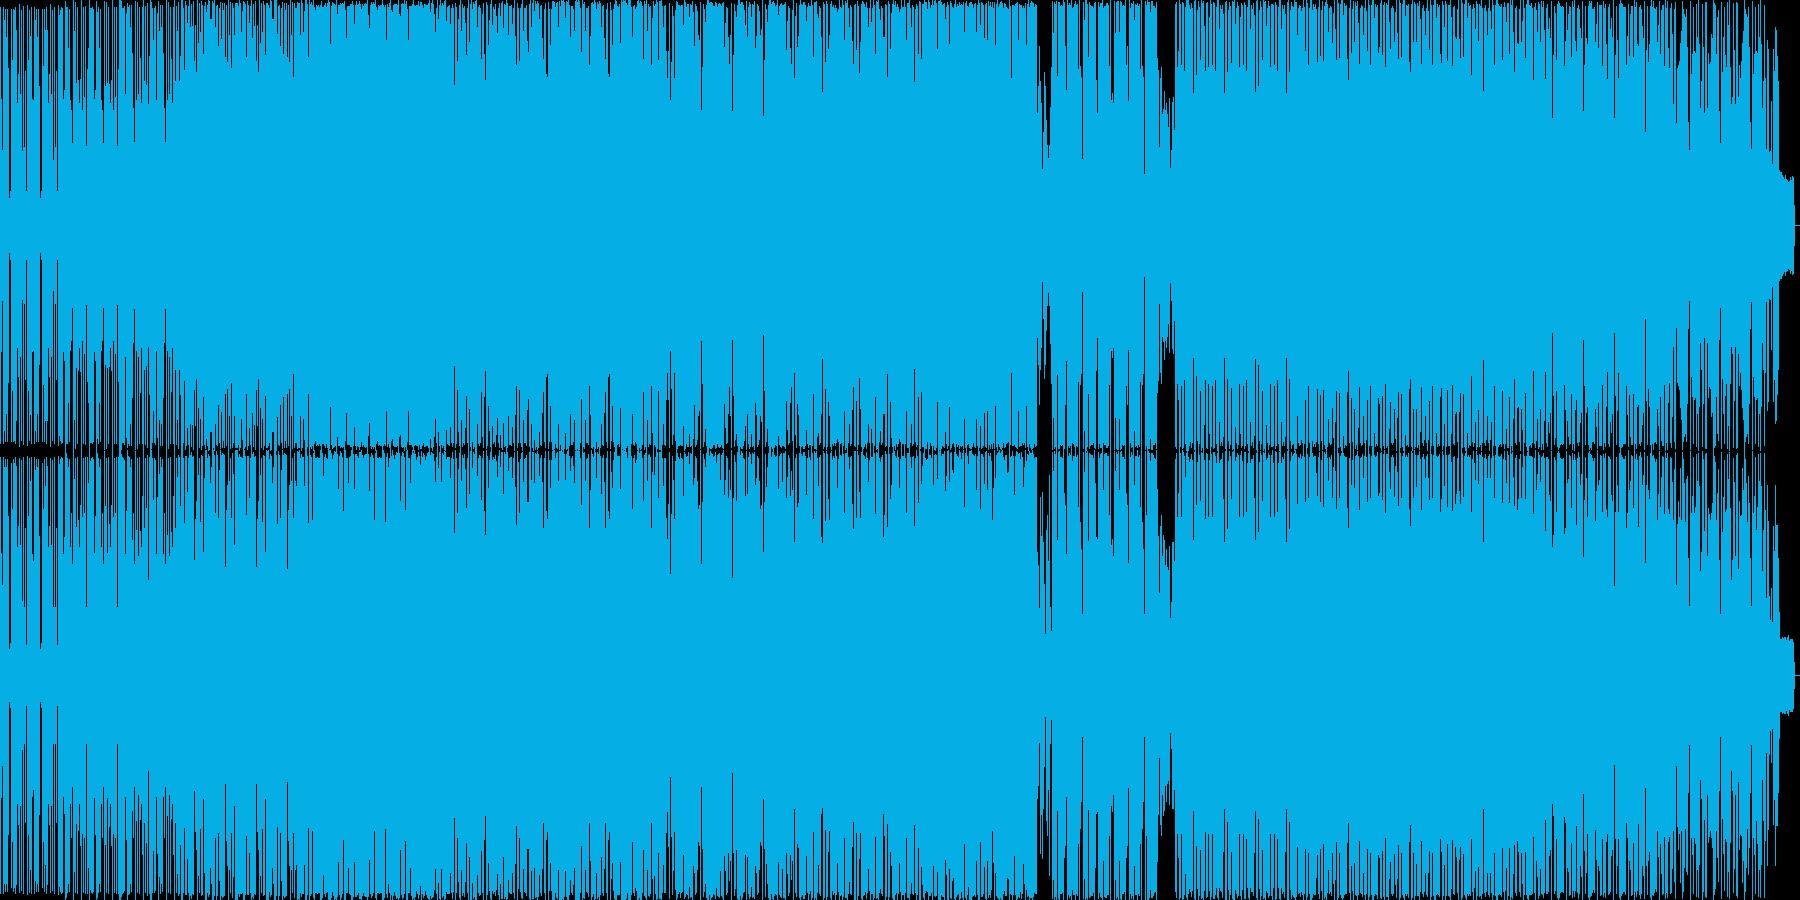 明るいファンク楽曲の再生済みの波形